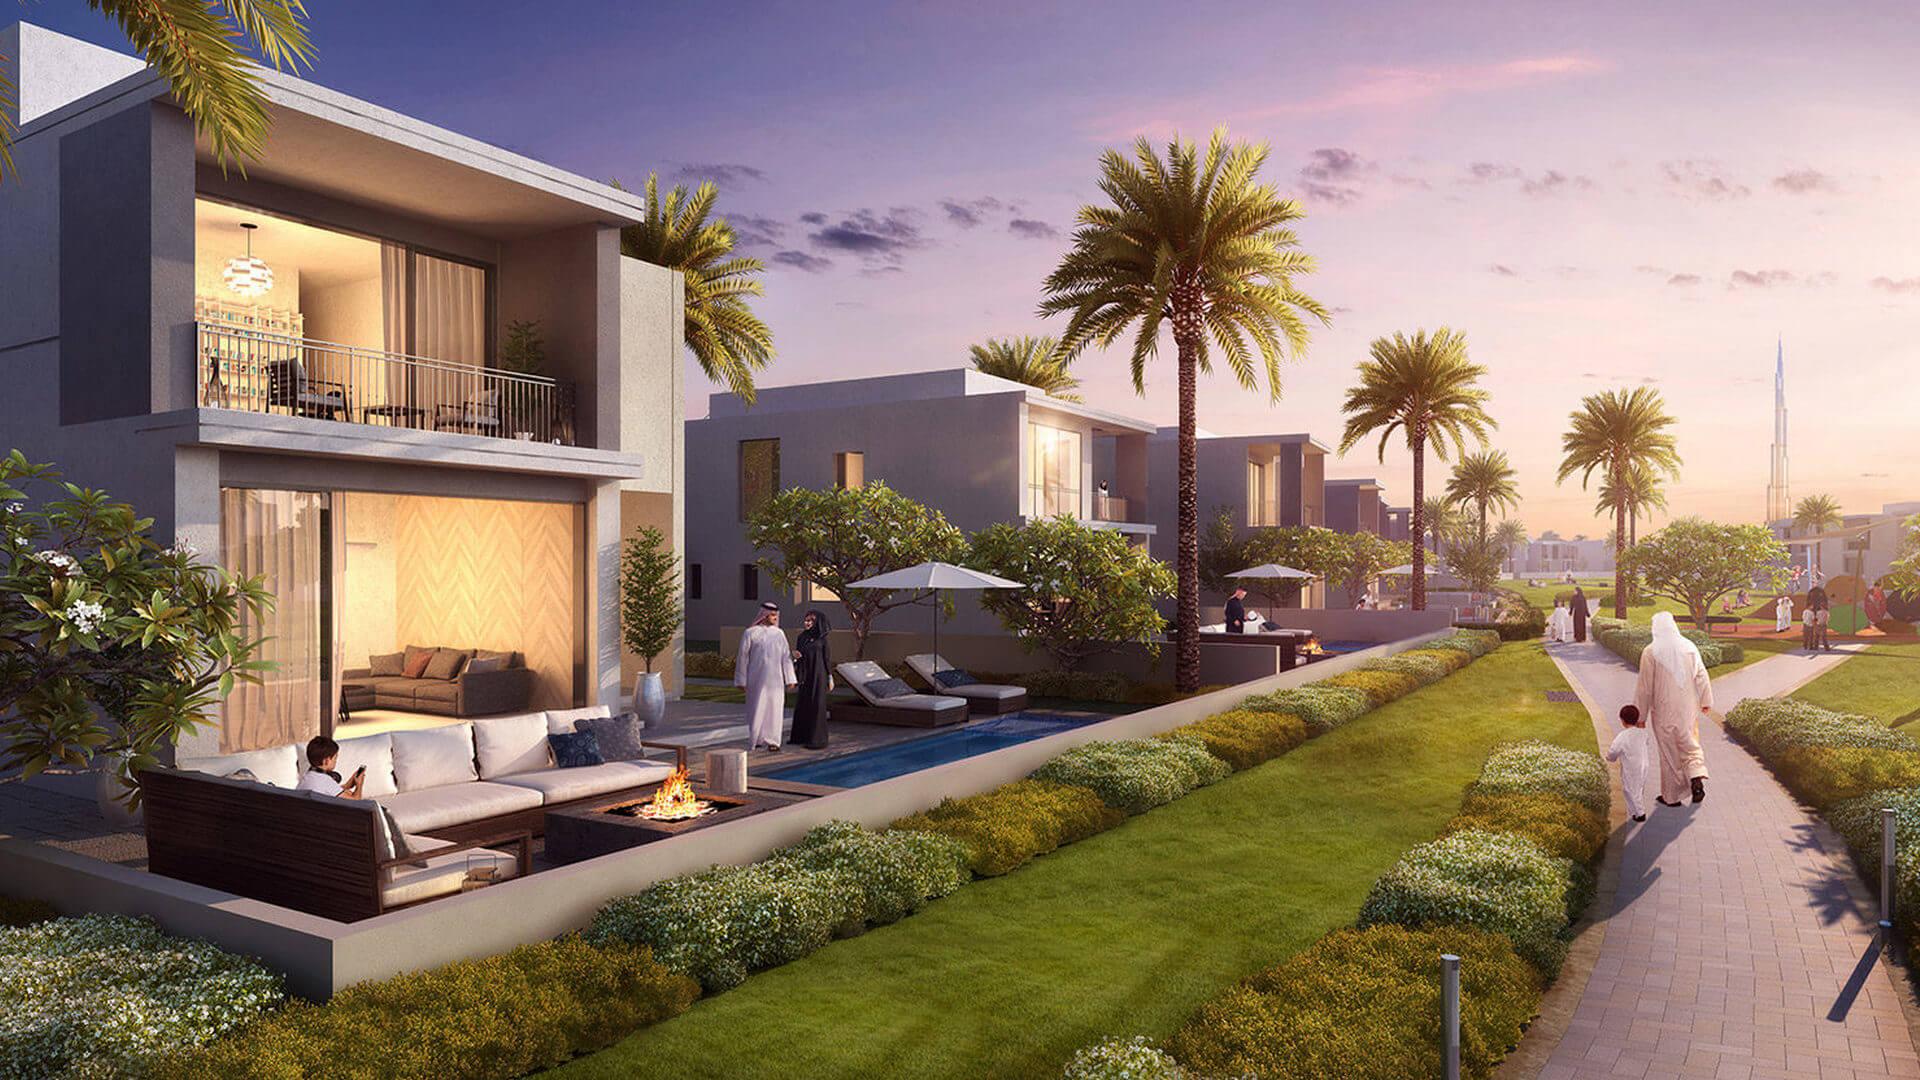 Villa en venta en Dubai, EAU, 3 dormitorios, 448 m2, № 24095 – foto 3